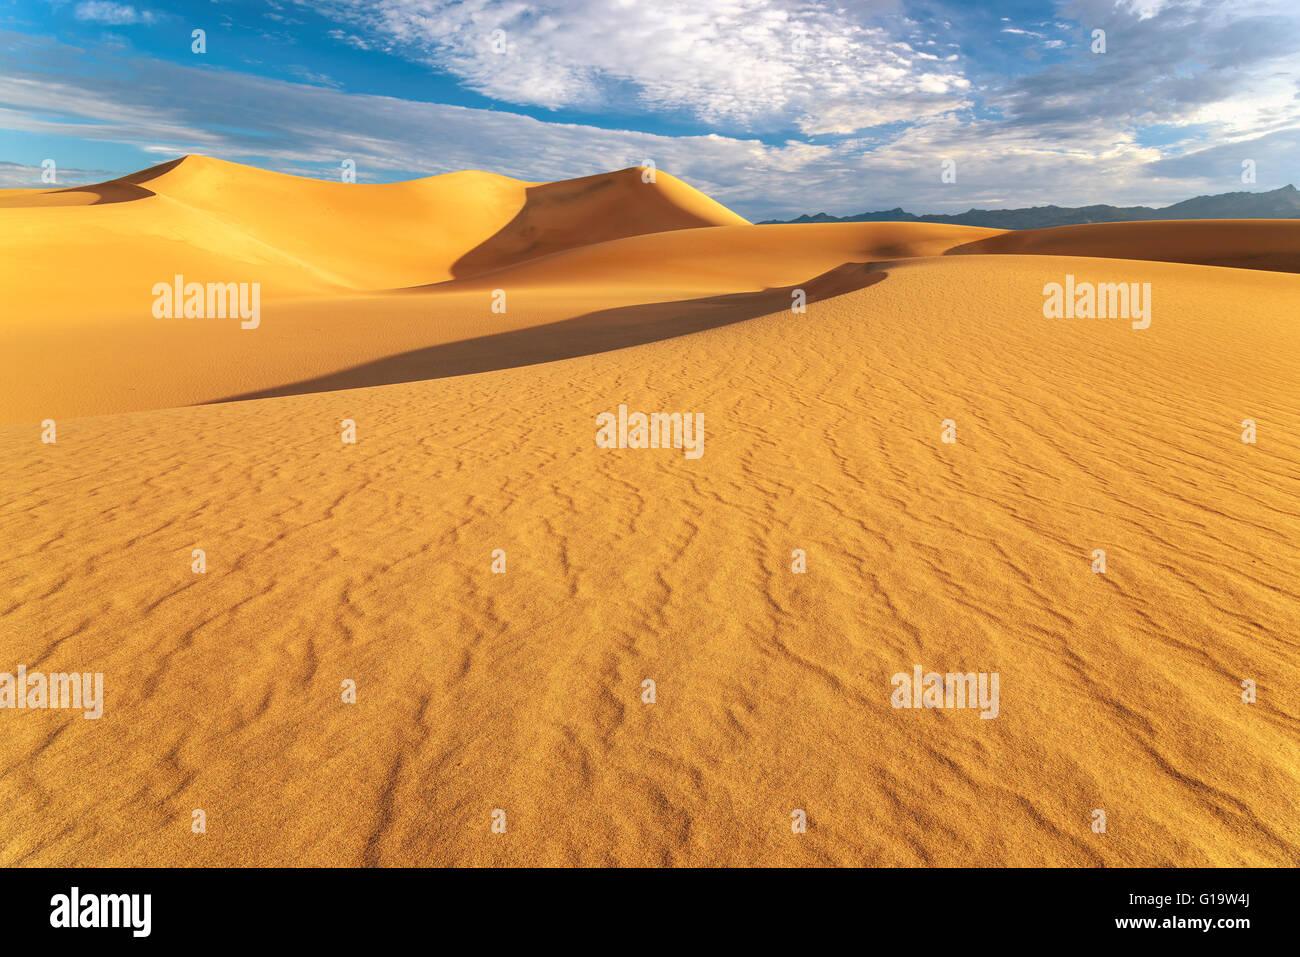 Sunrise at sand dunes in the Desert - Stock Image